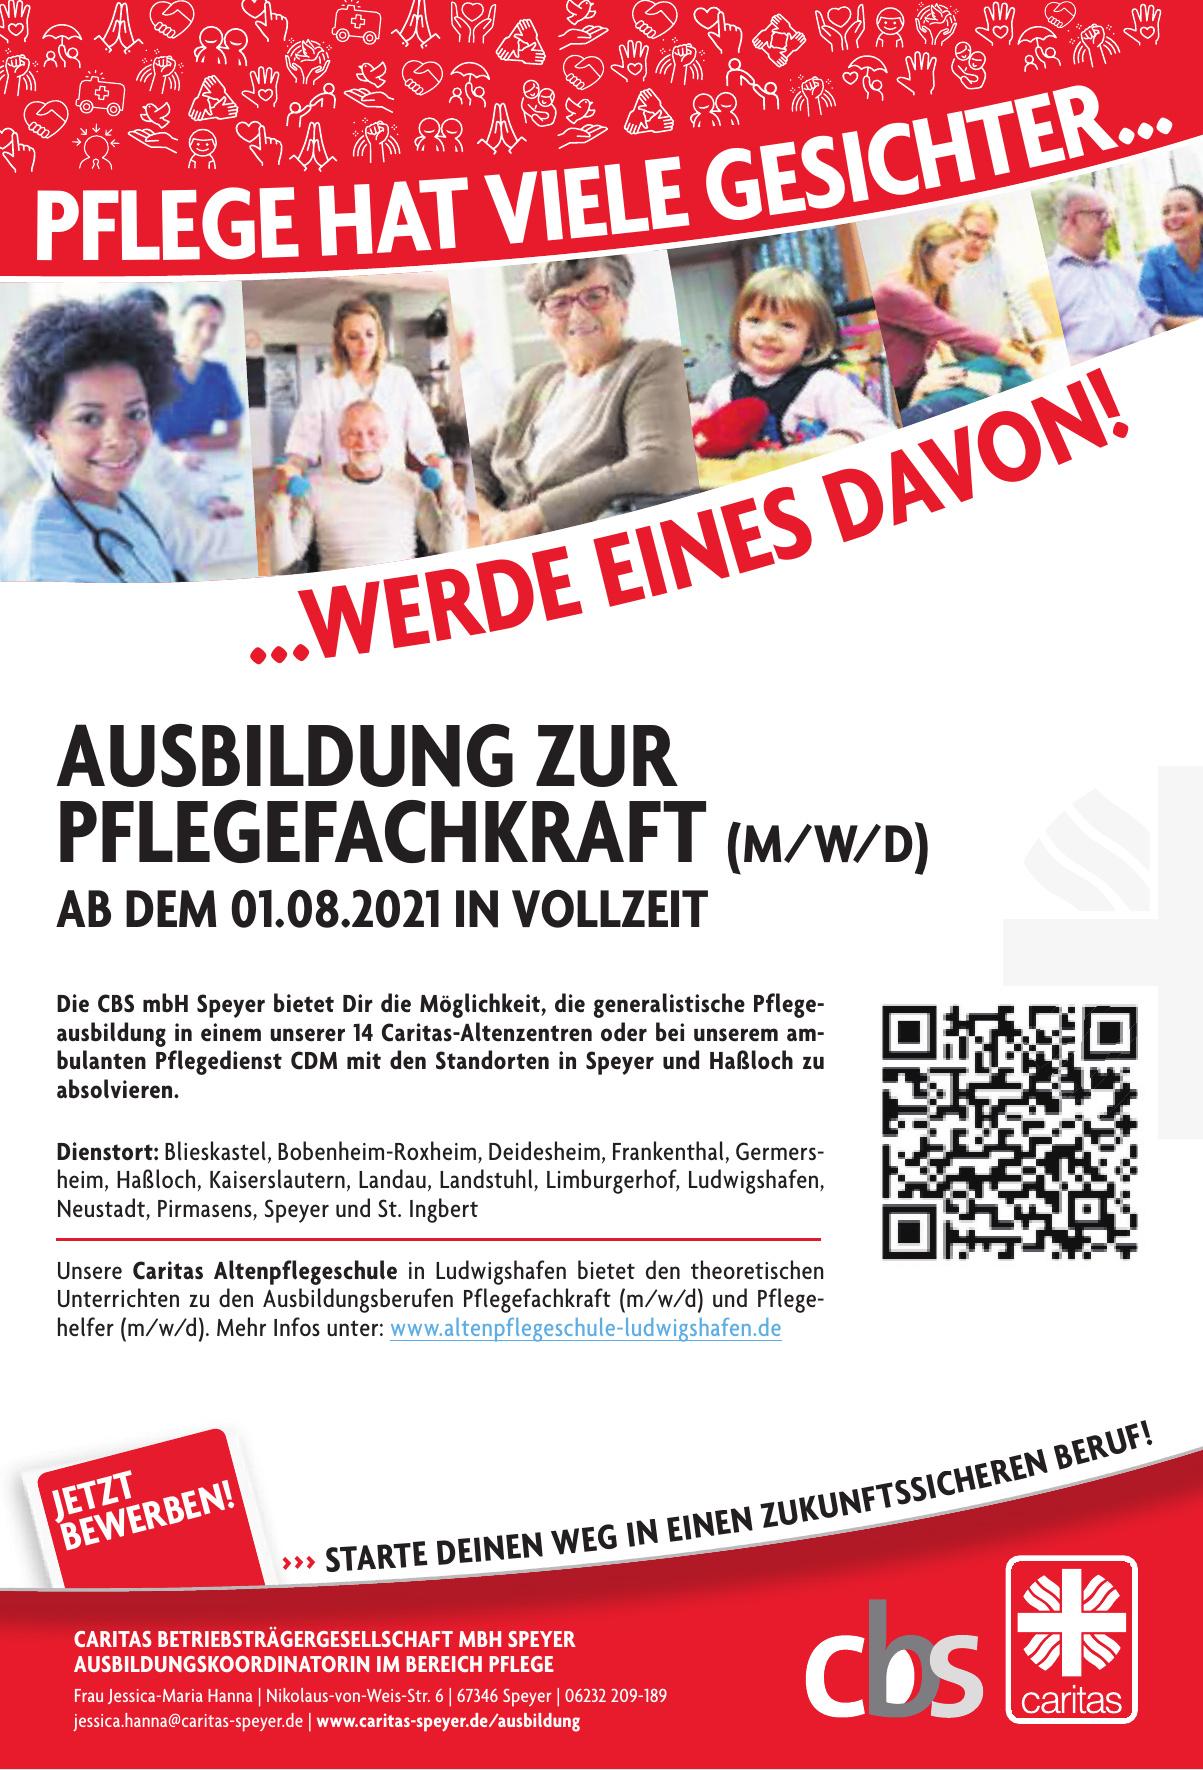 Caritas Betriebsträgergesellschaft (CBS) Speyer